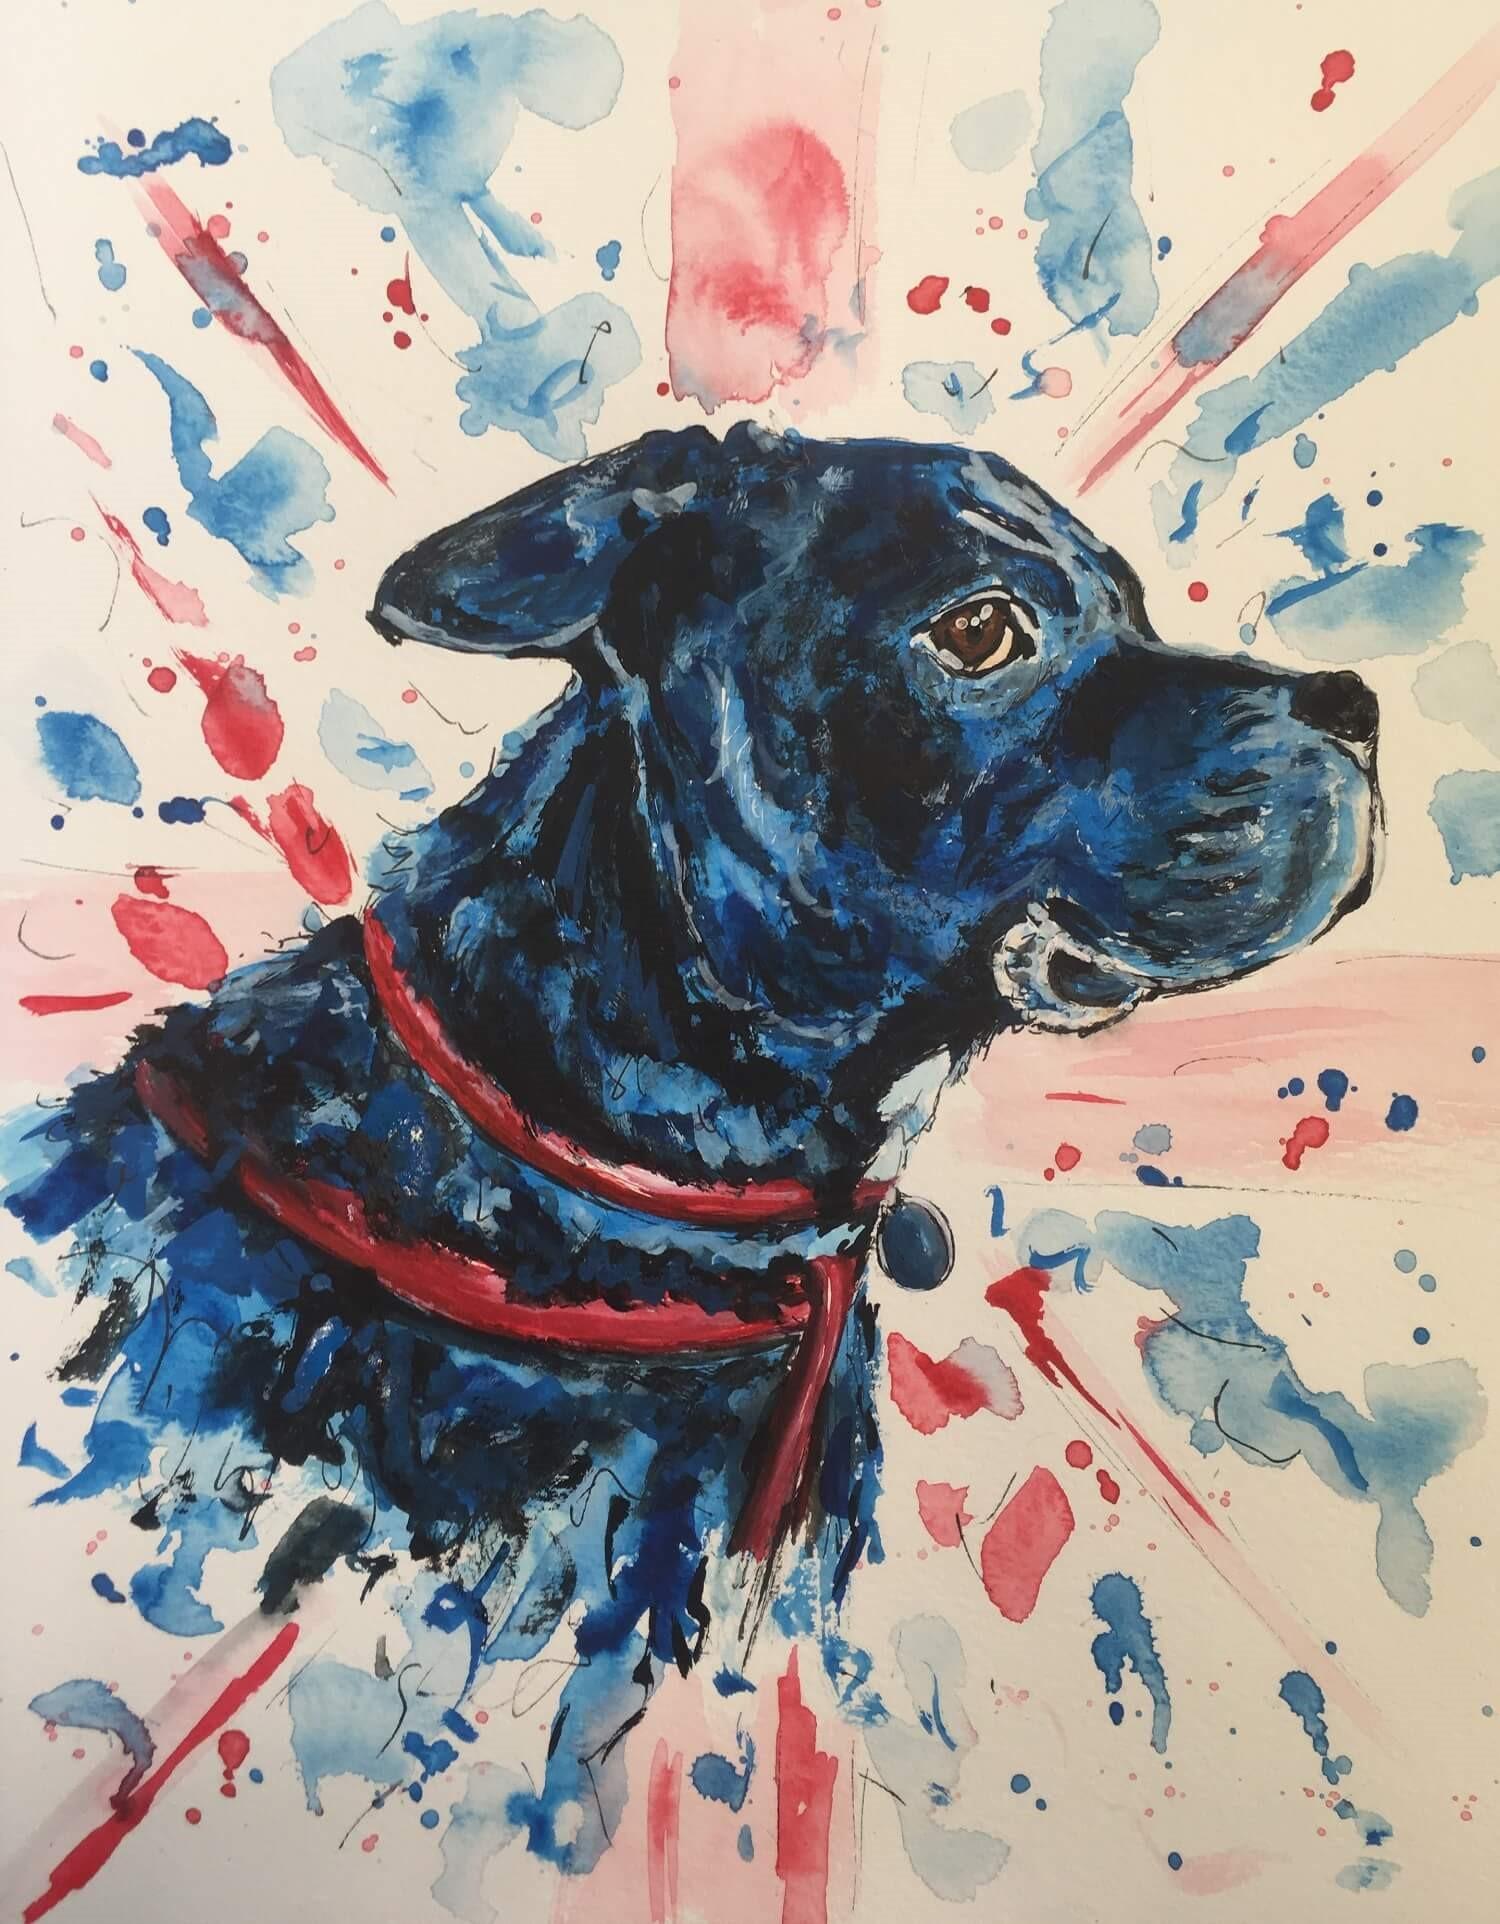 aquarelle chien bleu severine richer peindre normand format A4